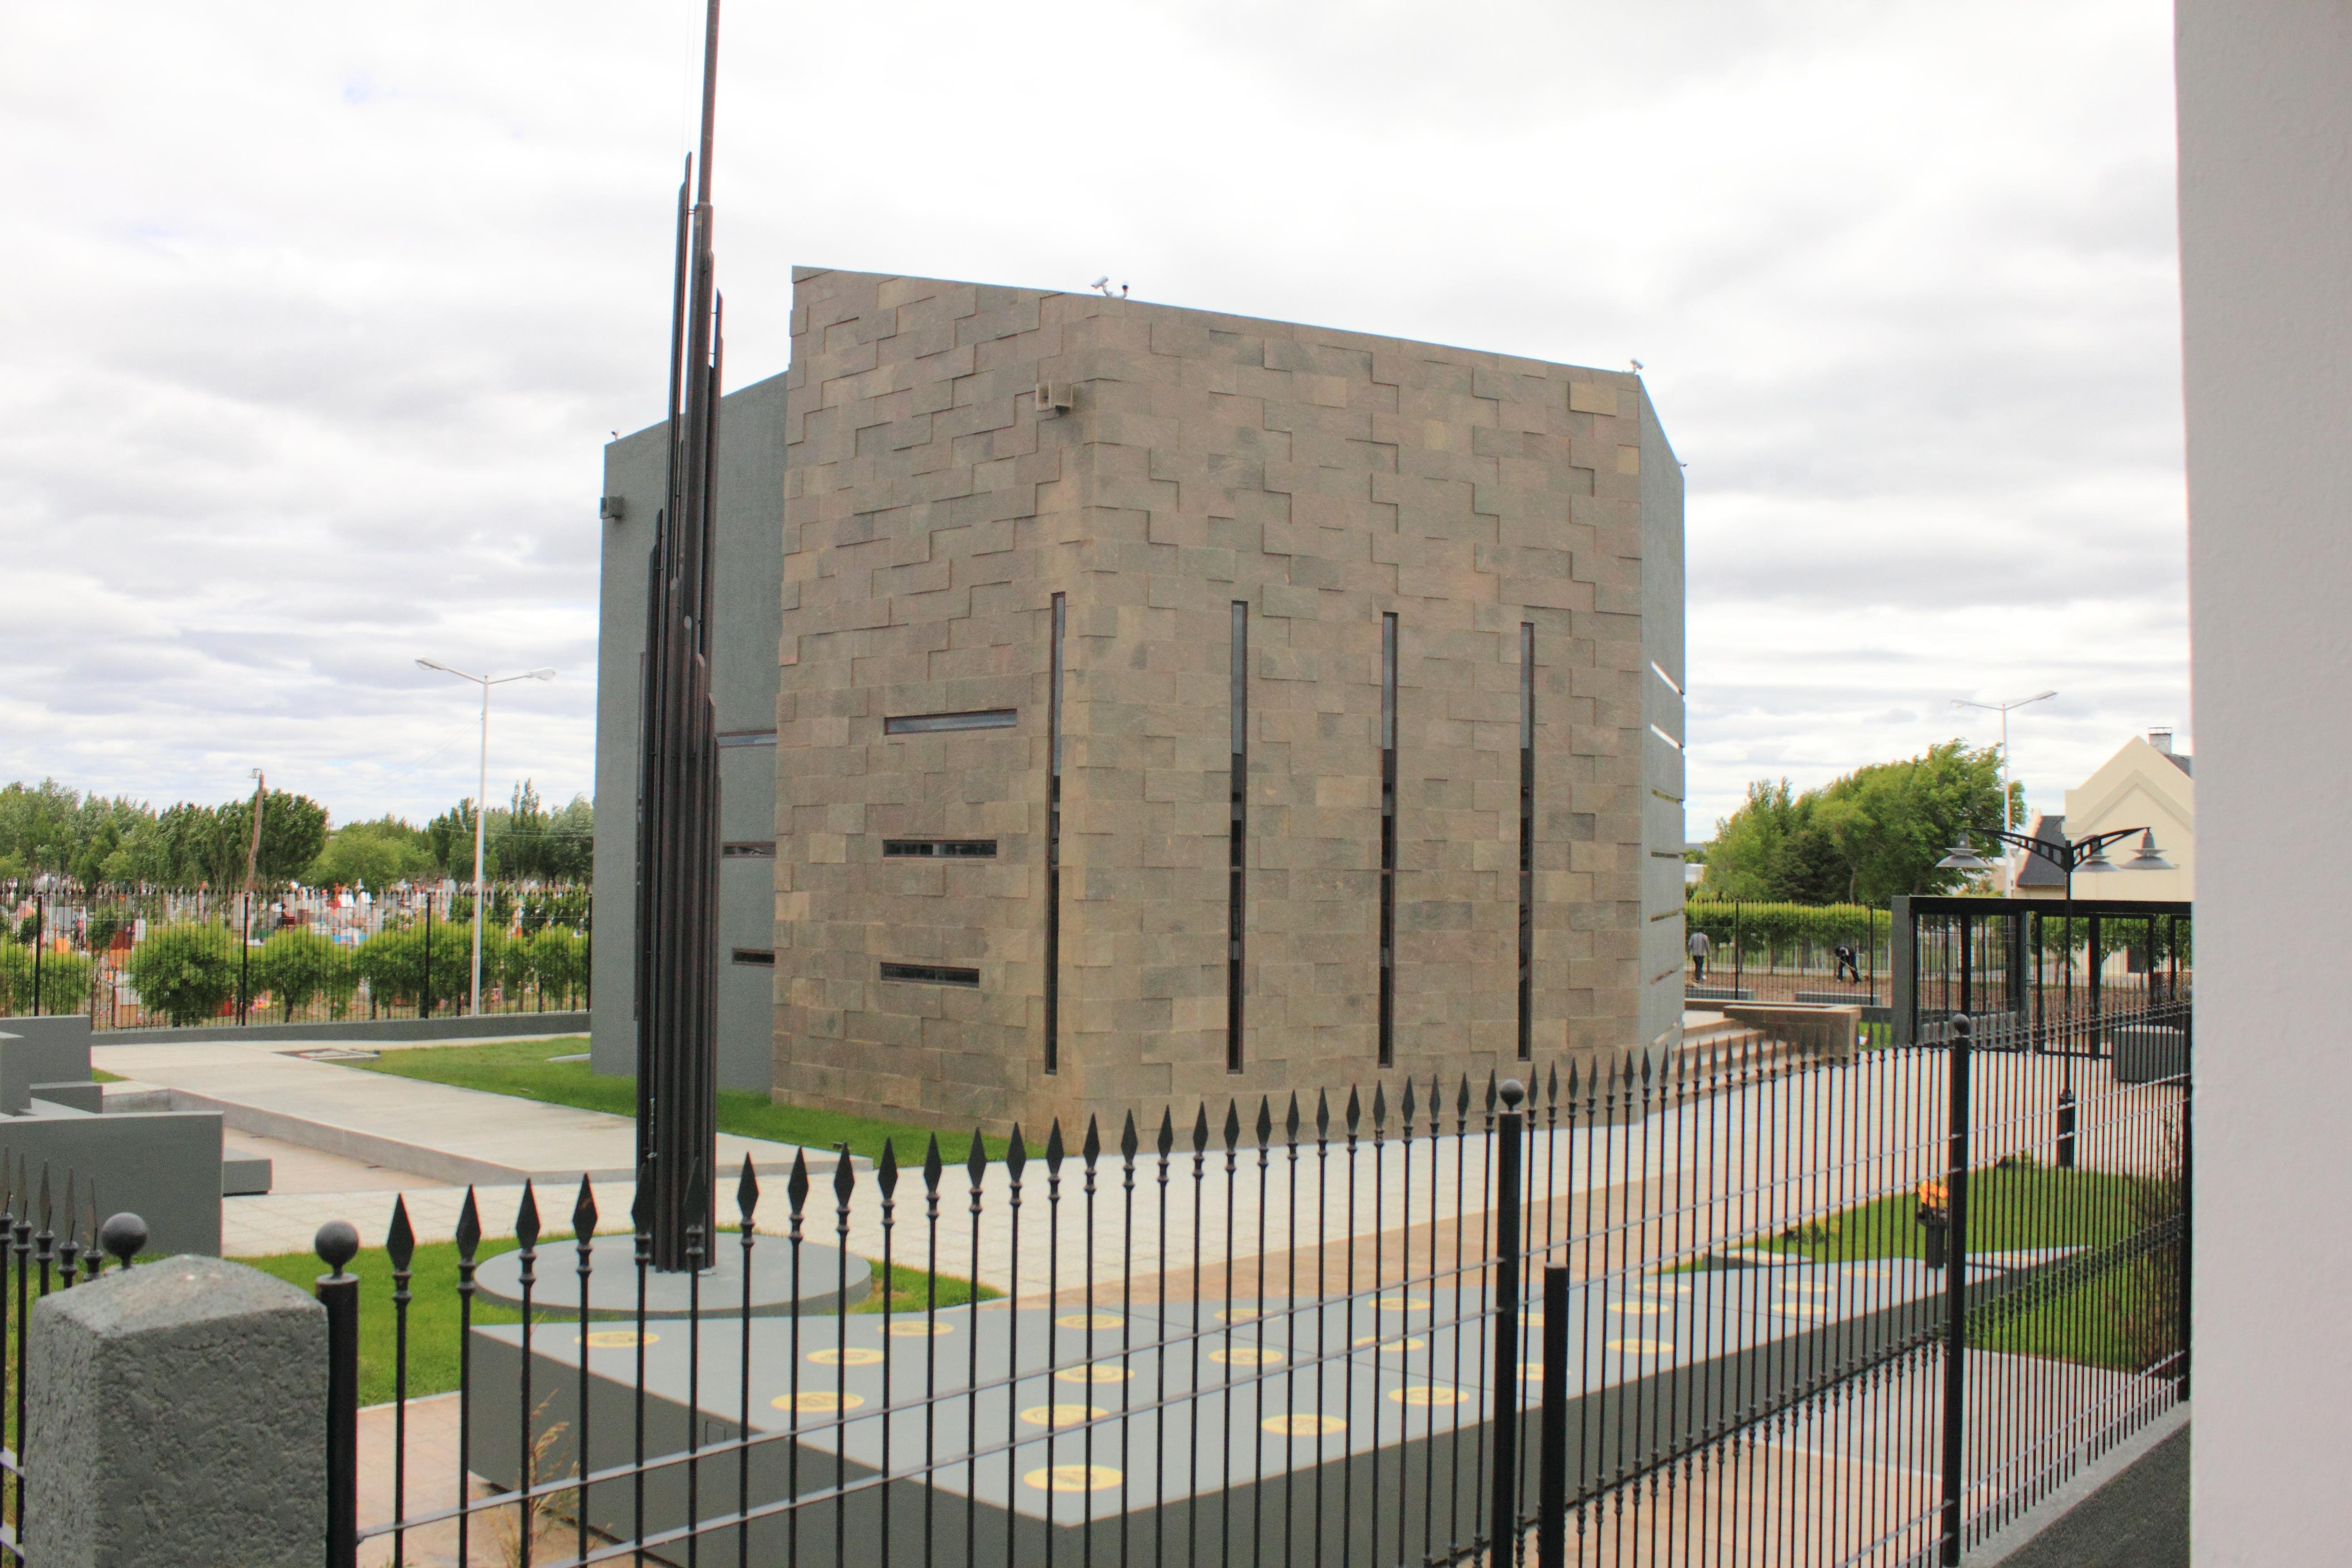 Mausoleum of n stor kirchner for Built by nester